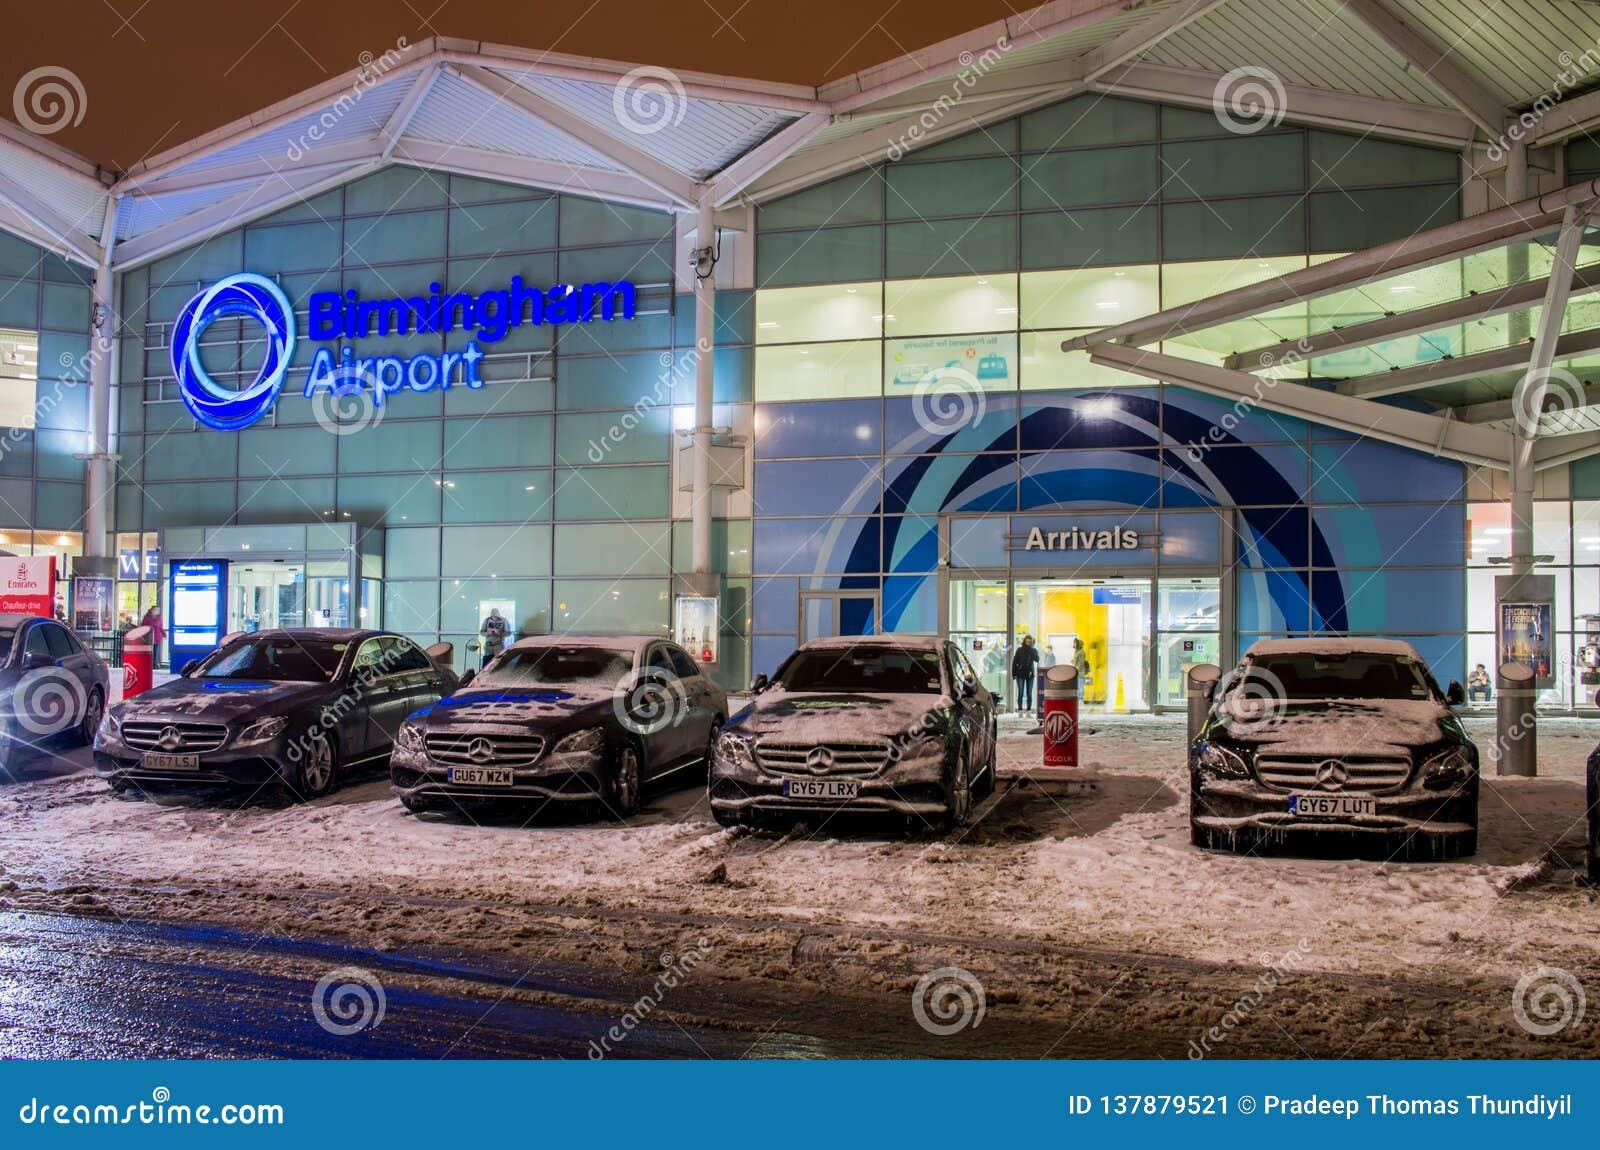 Birmingham airport building in Birmingham, United Kingdom